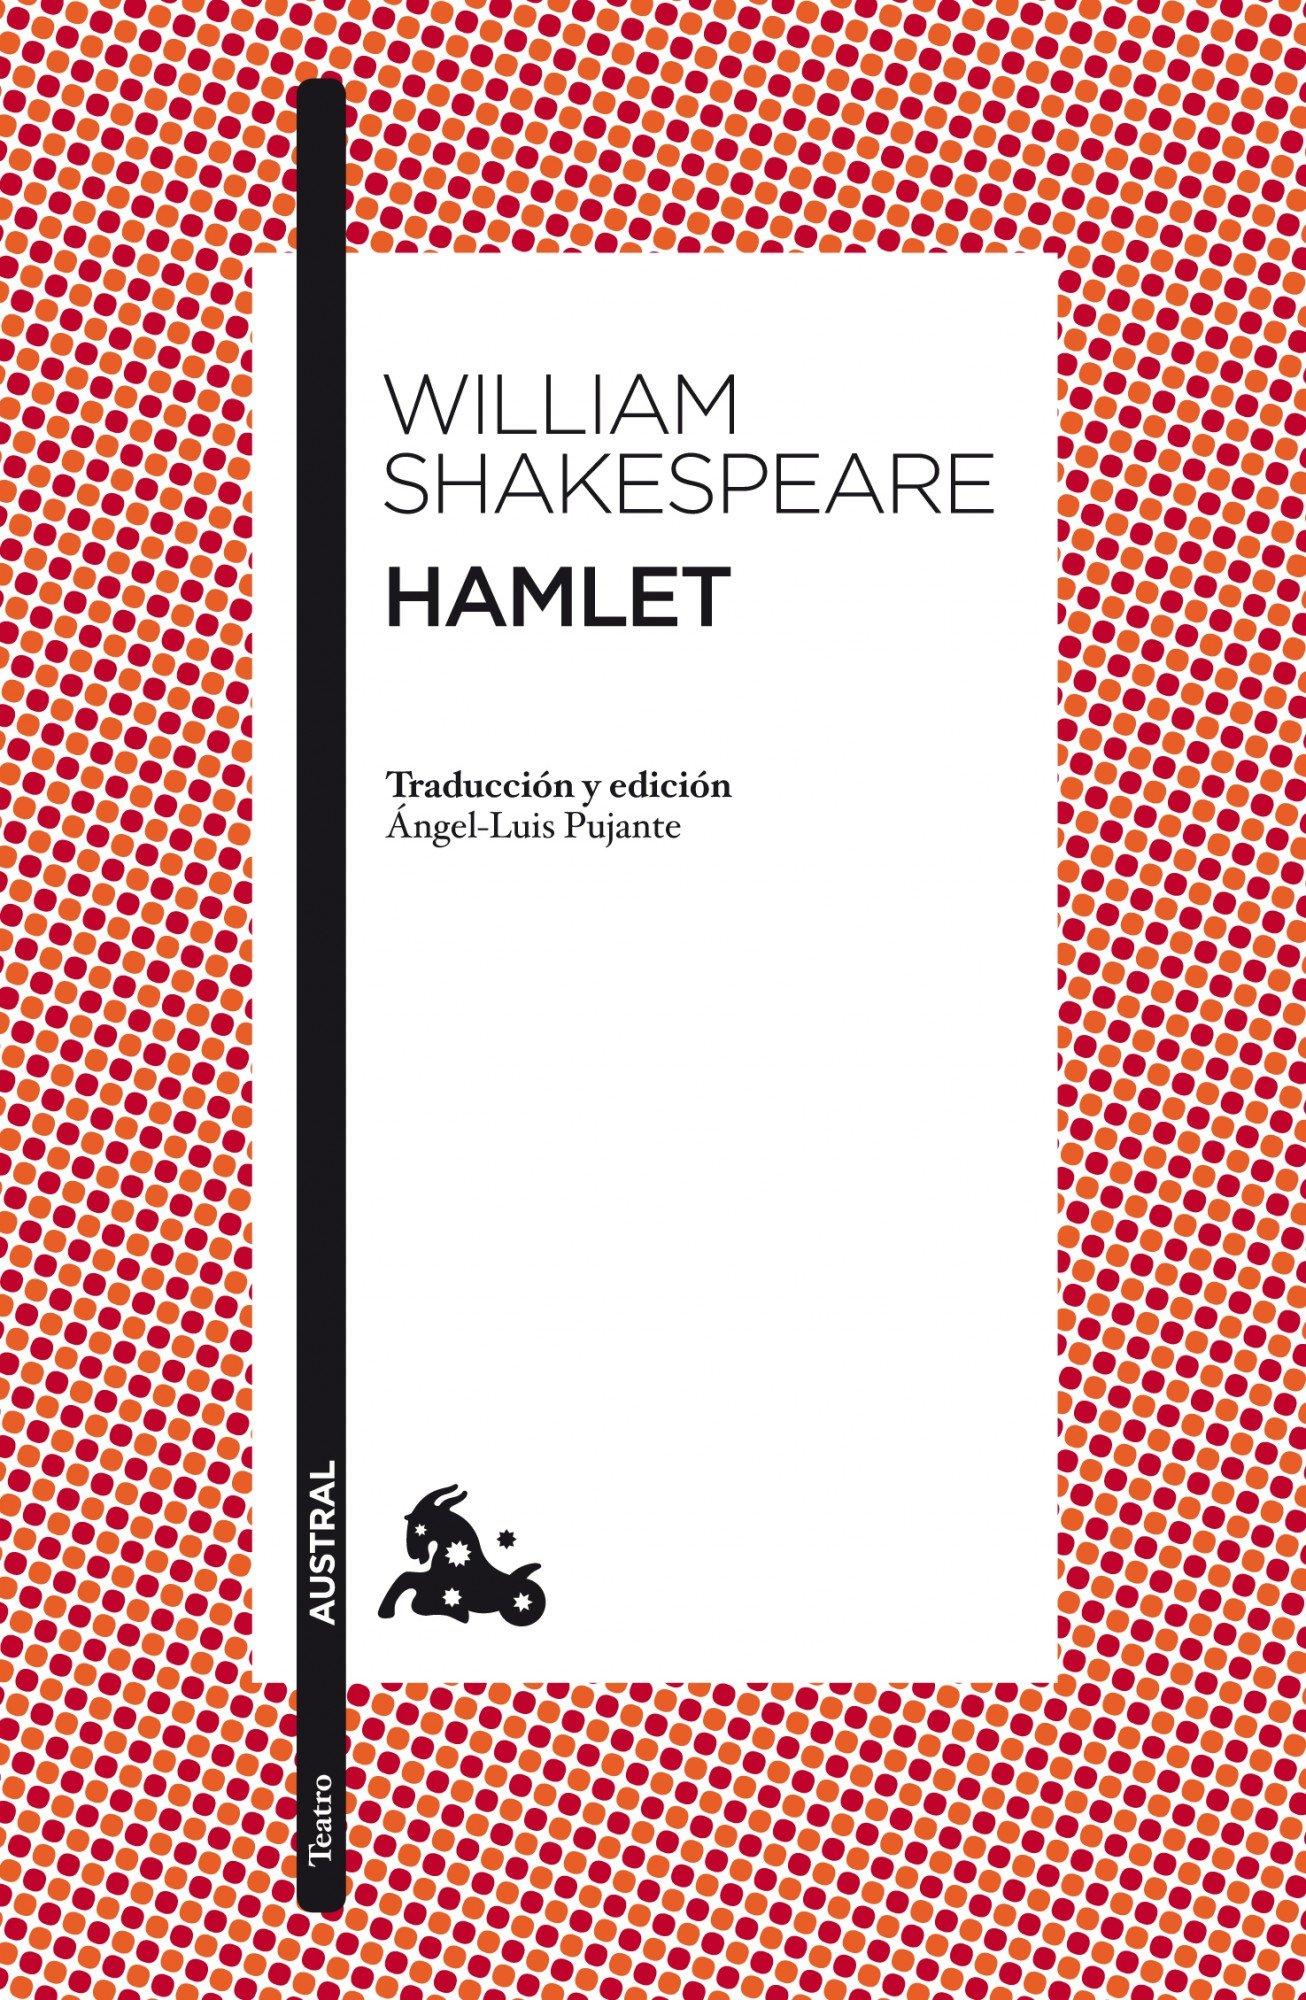 Portada libro - Hamlet